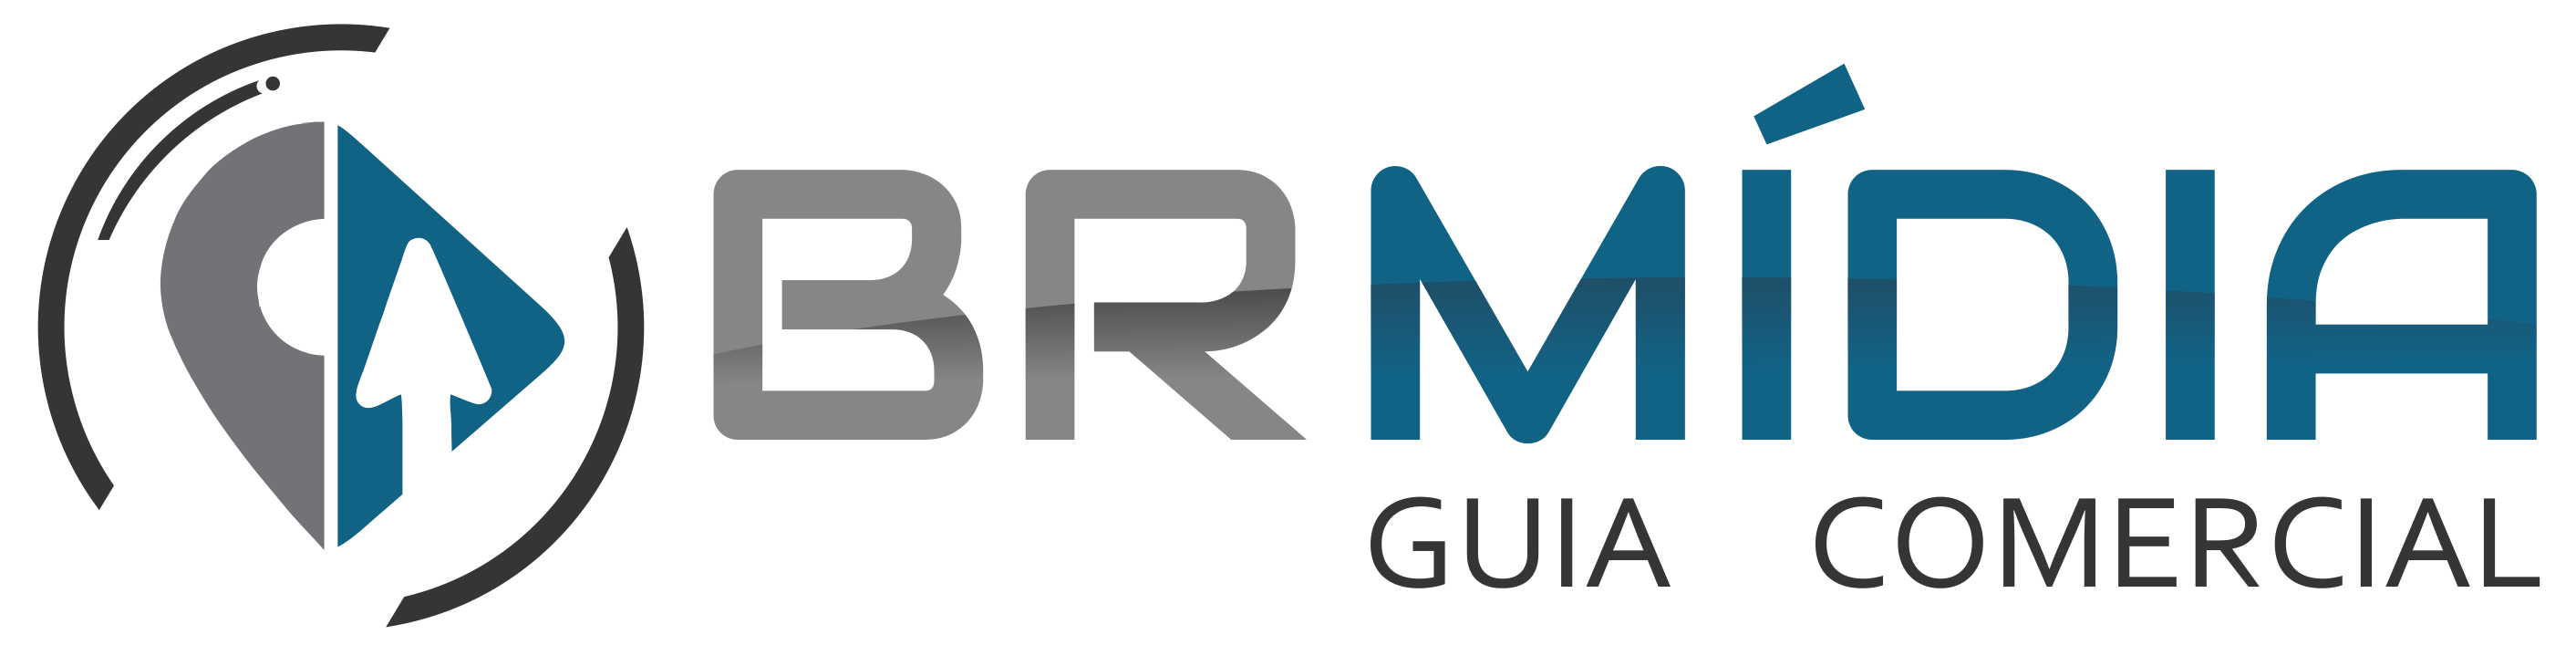 BRmidia.com.br